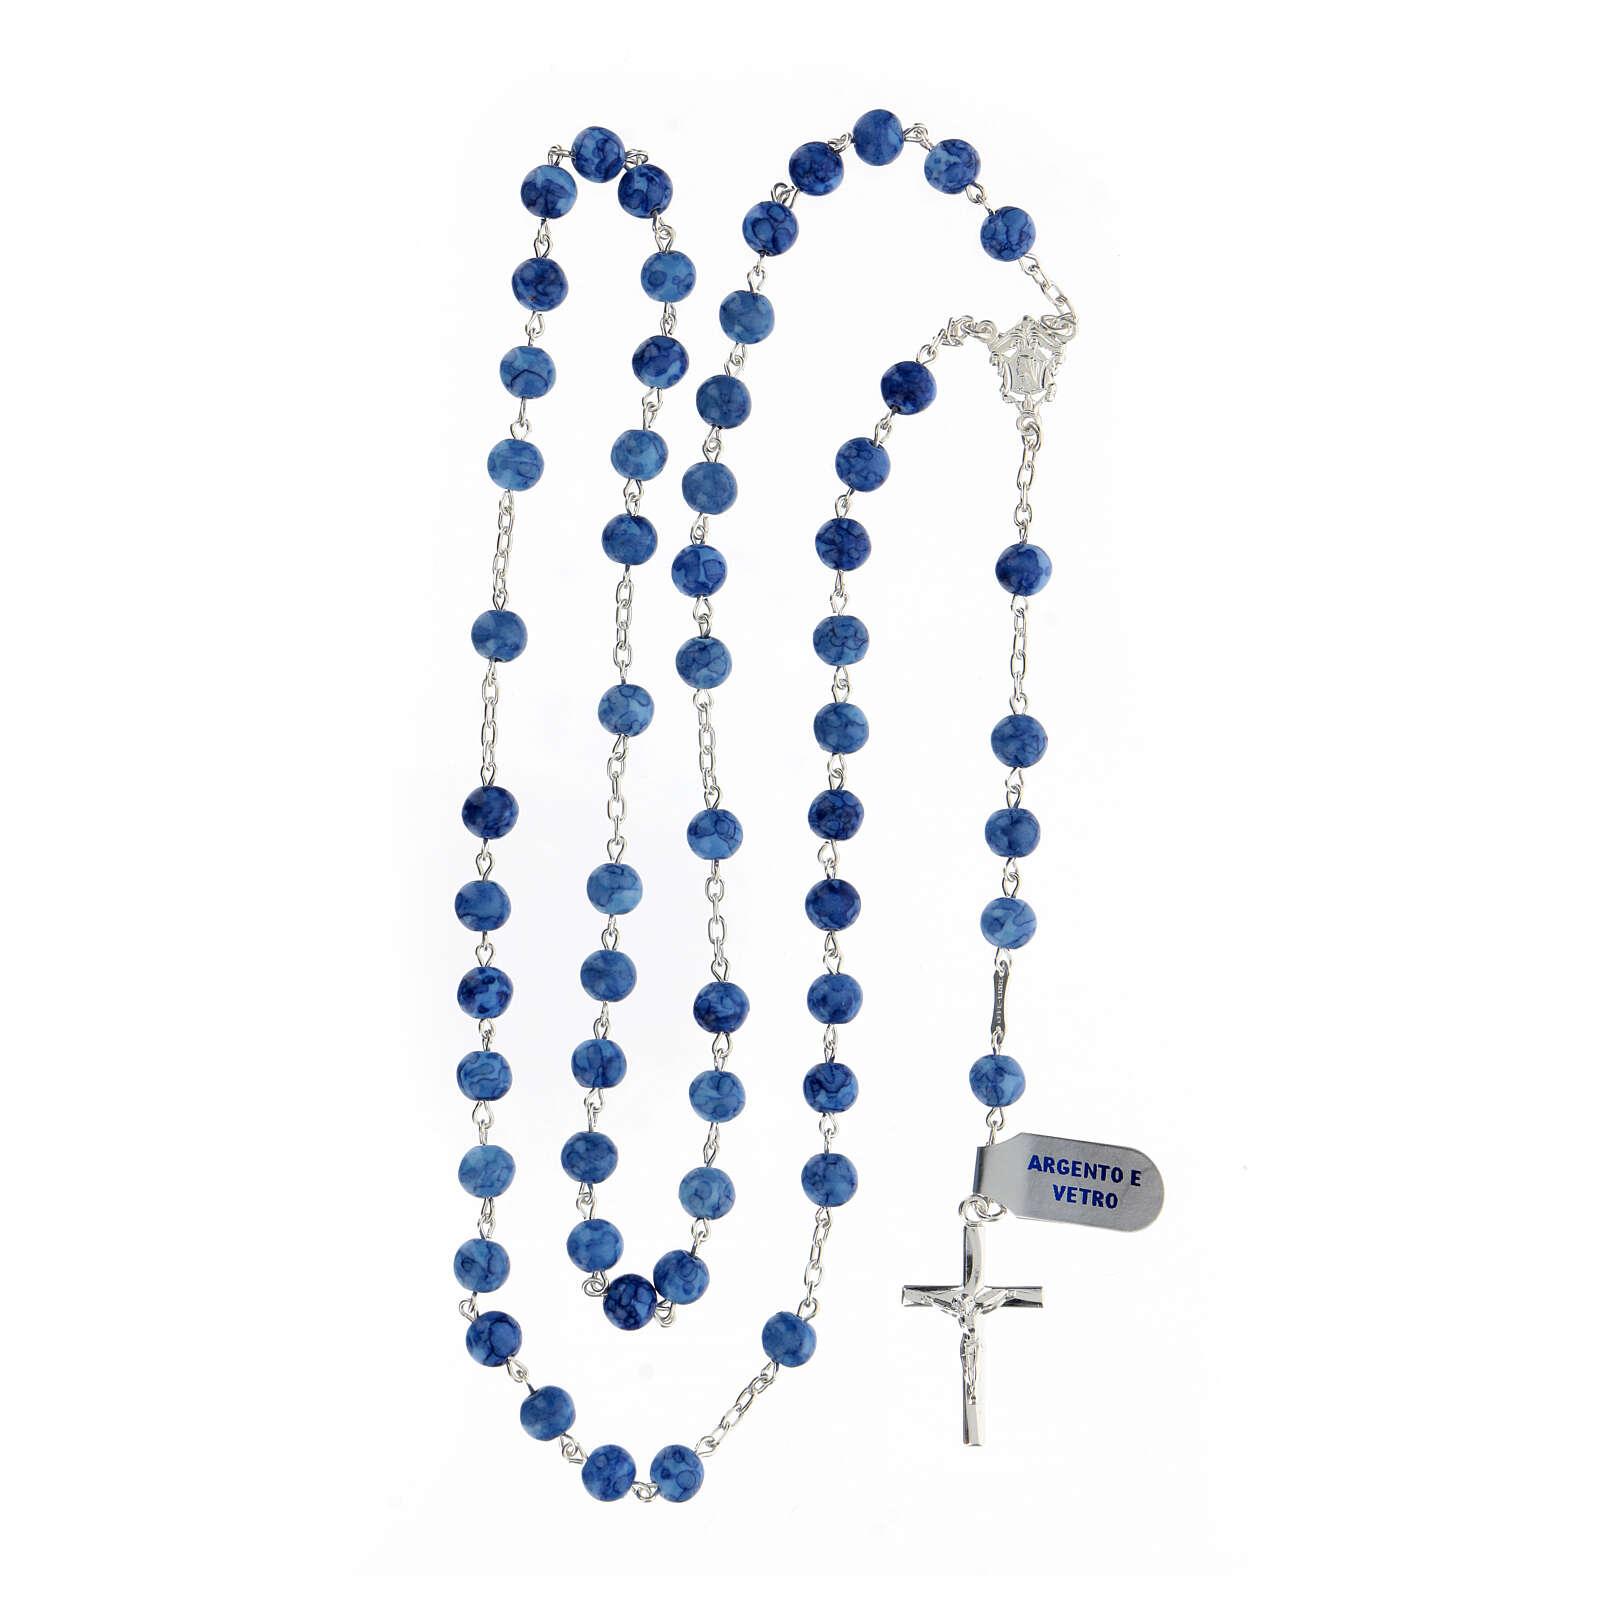 Teço prata 925 com crucifixo e contas 6 mm vidro azul 4